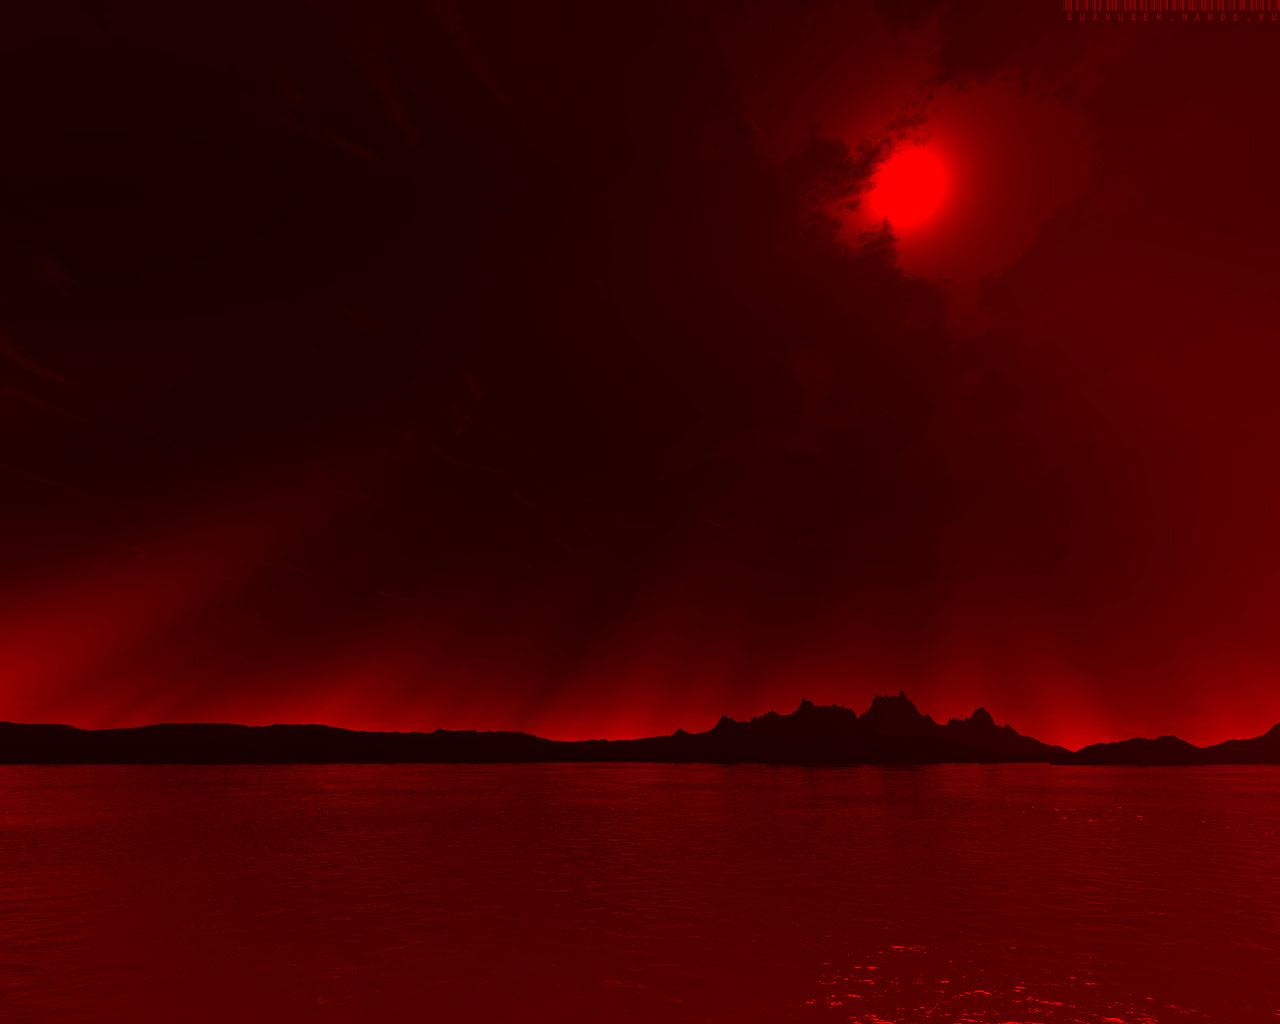 red landscape wallpapers for desktop - photo #16